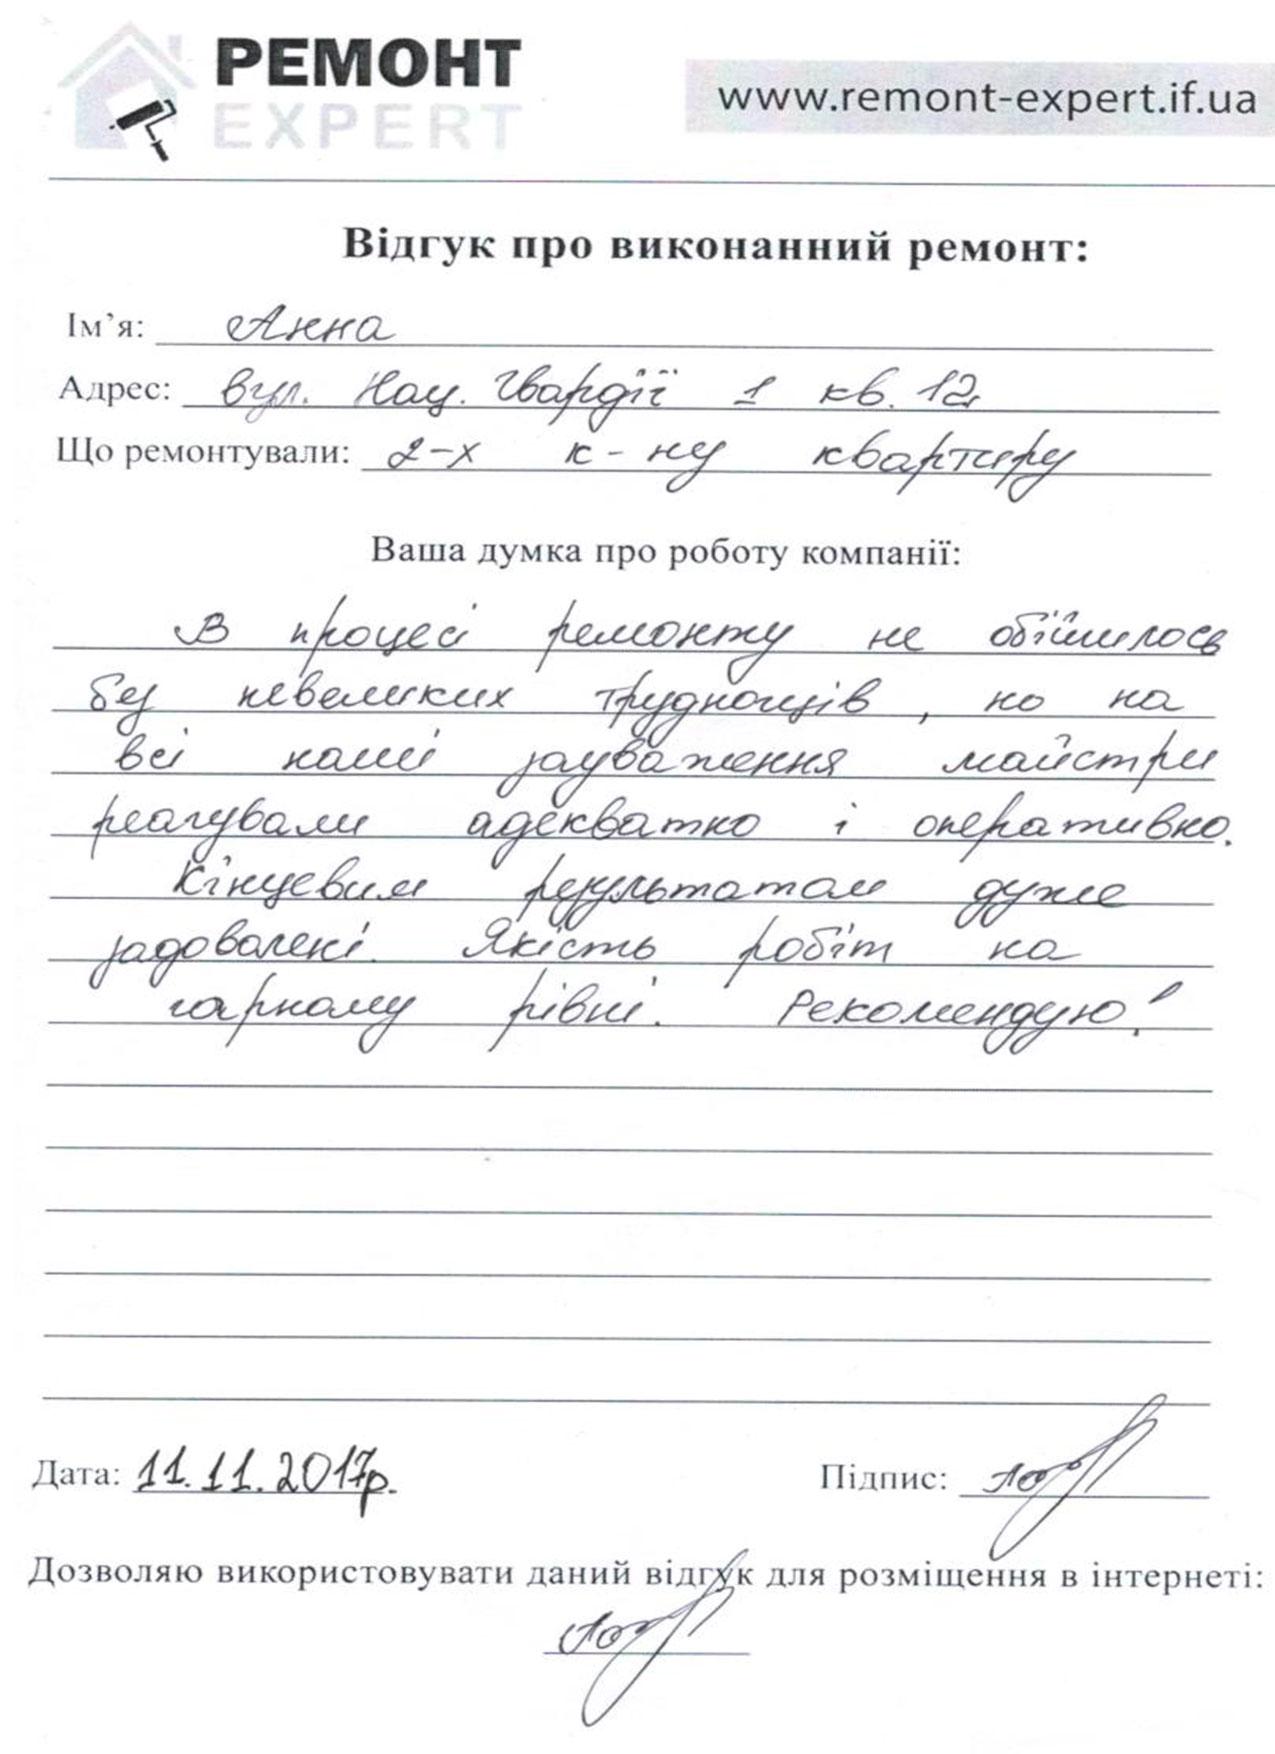 Ремонт квартири в Івано-Франківську по вулиці Національної Гвардії